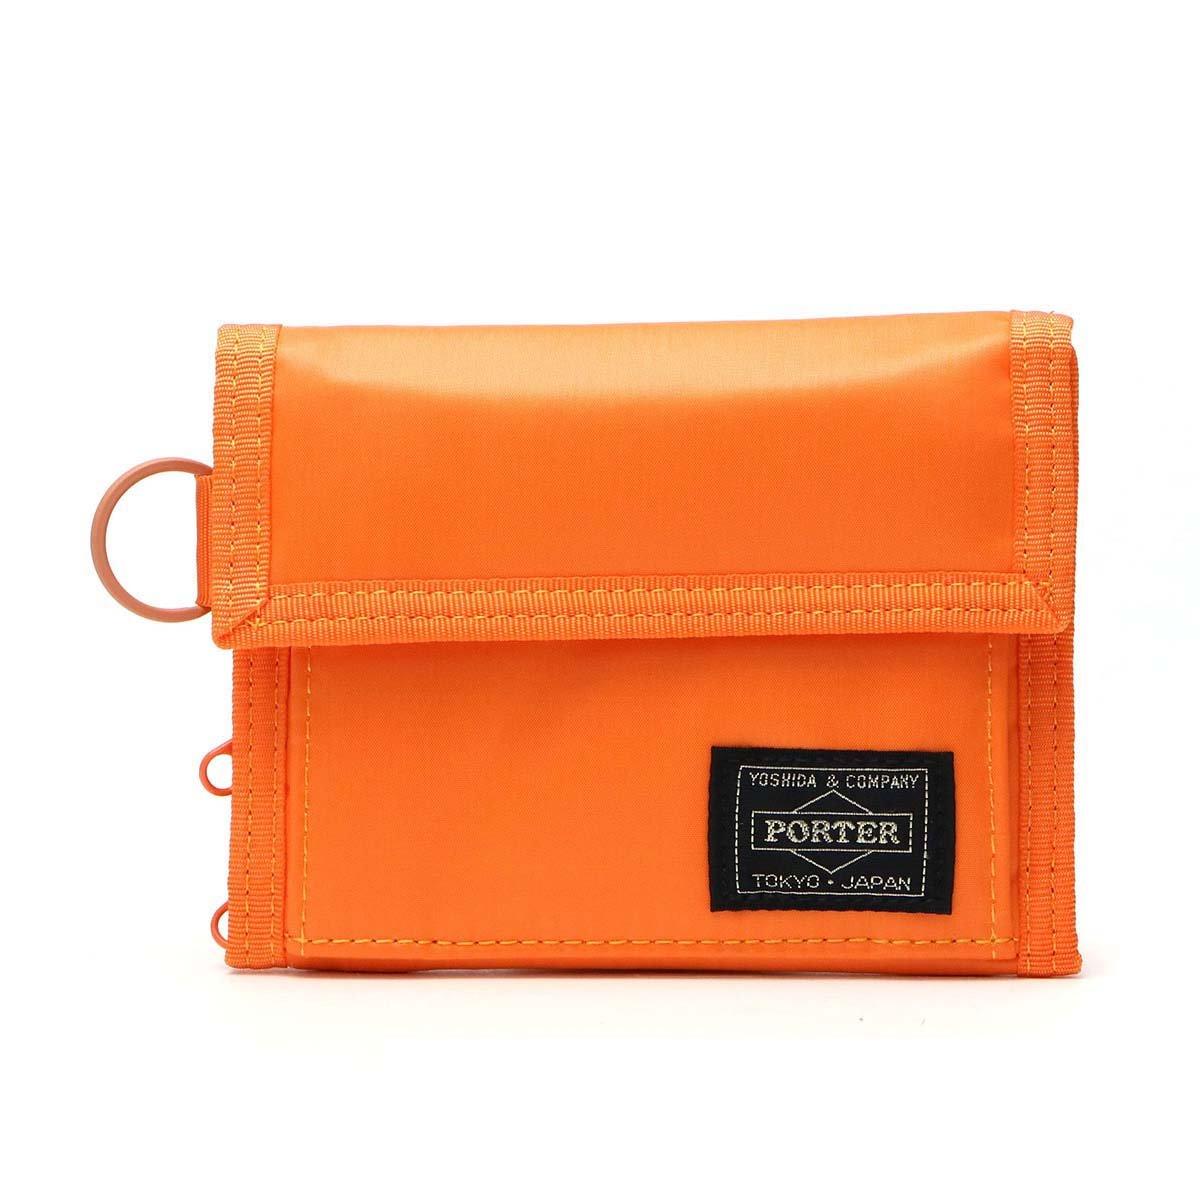 [ポーター]PORTER CAPSULE カプセル 三つ折り財布 555-06440 B00718V1TI オレンジ(23) オレンジ(23)